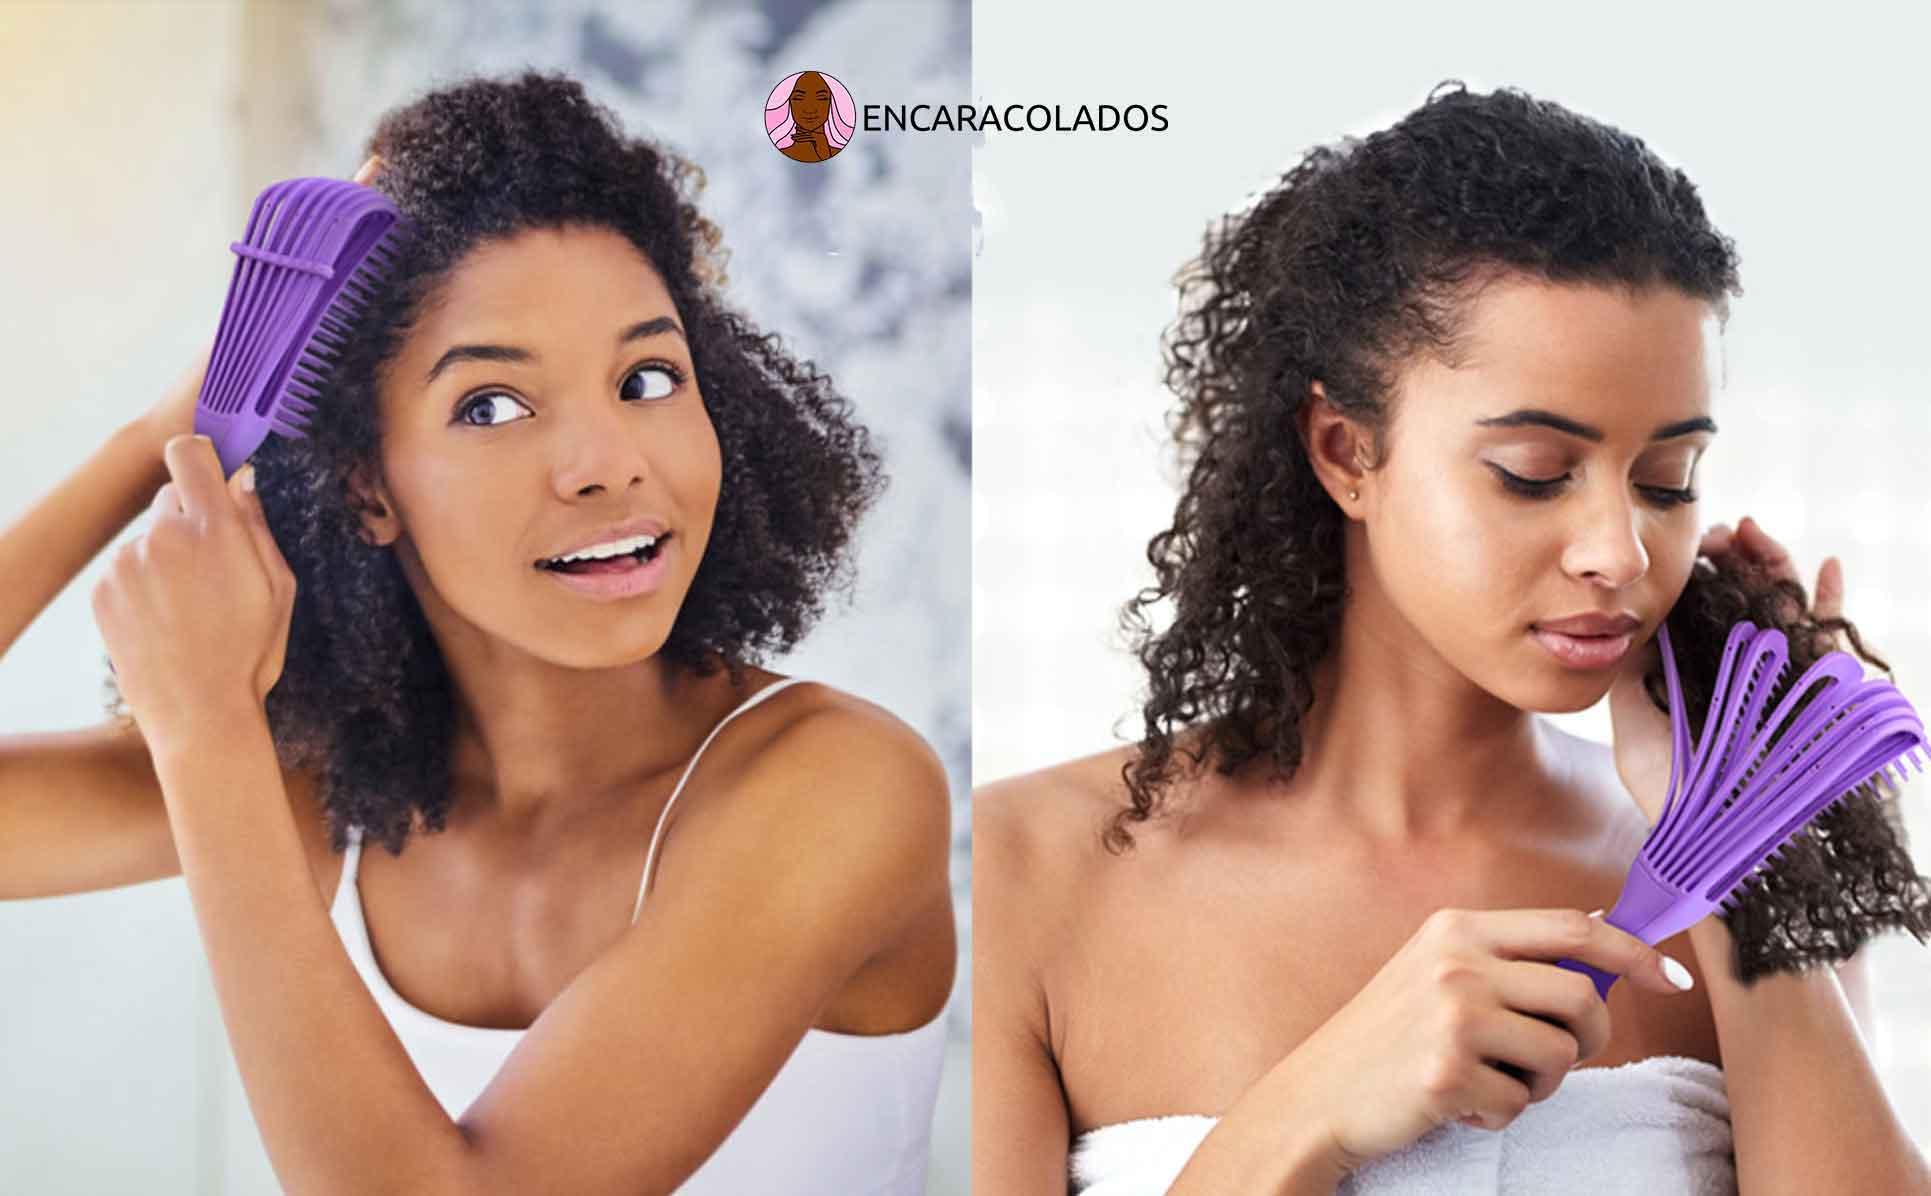 A melhor escova para cabelo cacheado, como pentear cabelo crespo e cacheado, Escova de cabelo roxa, escova com cerdas flexíveis